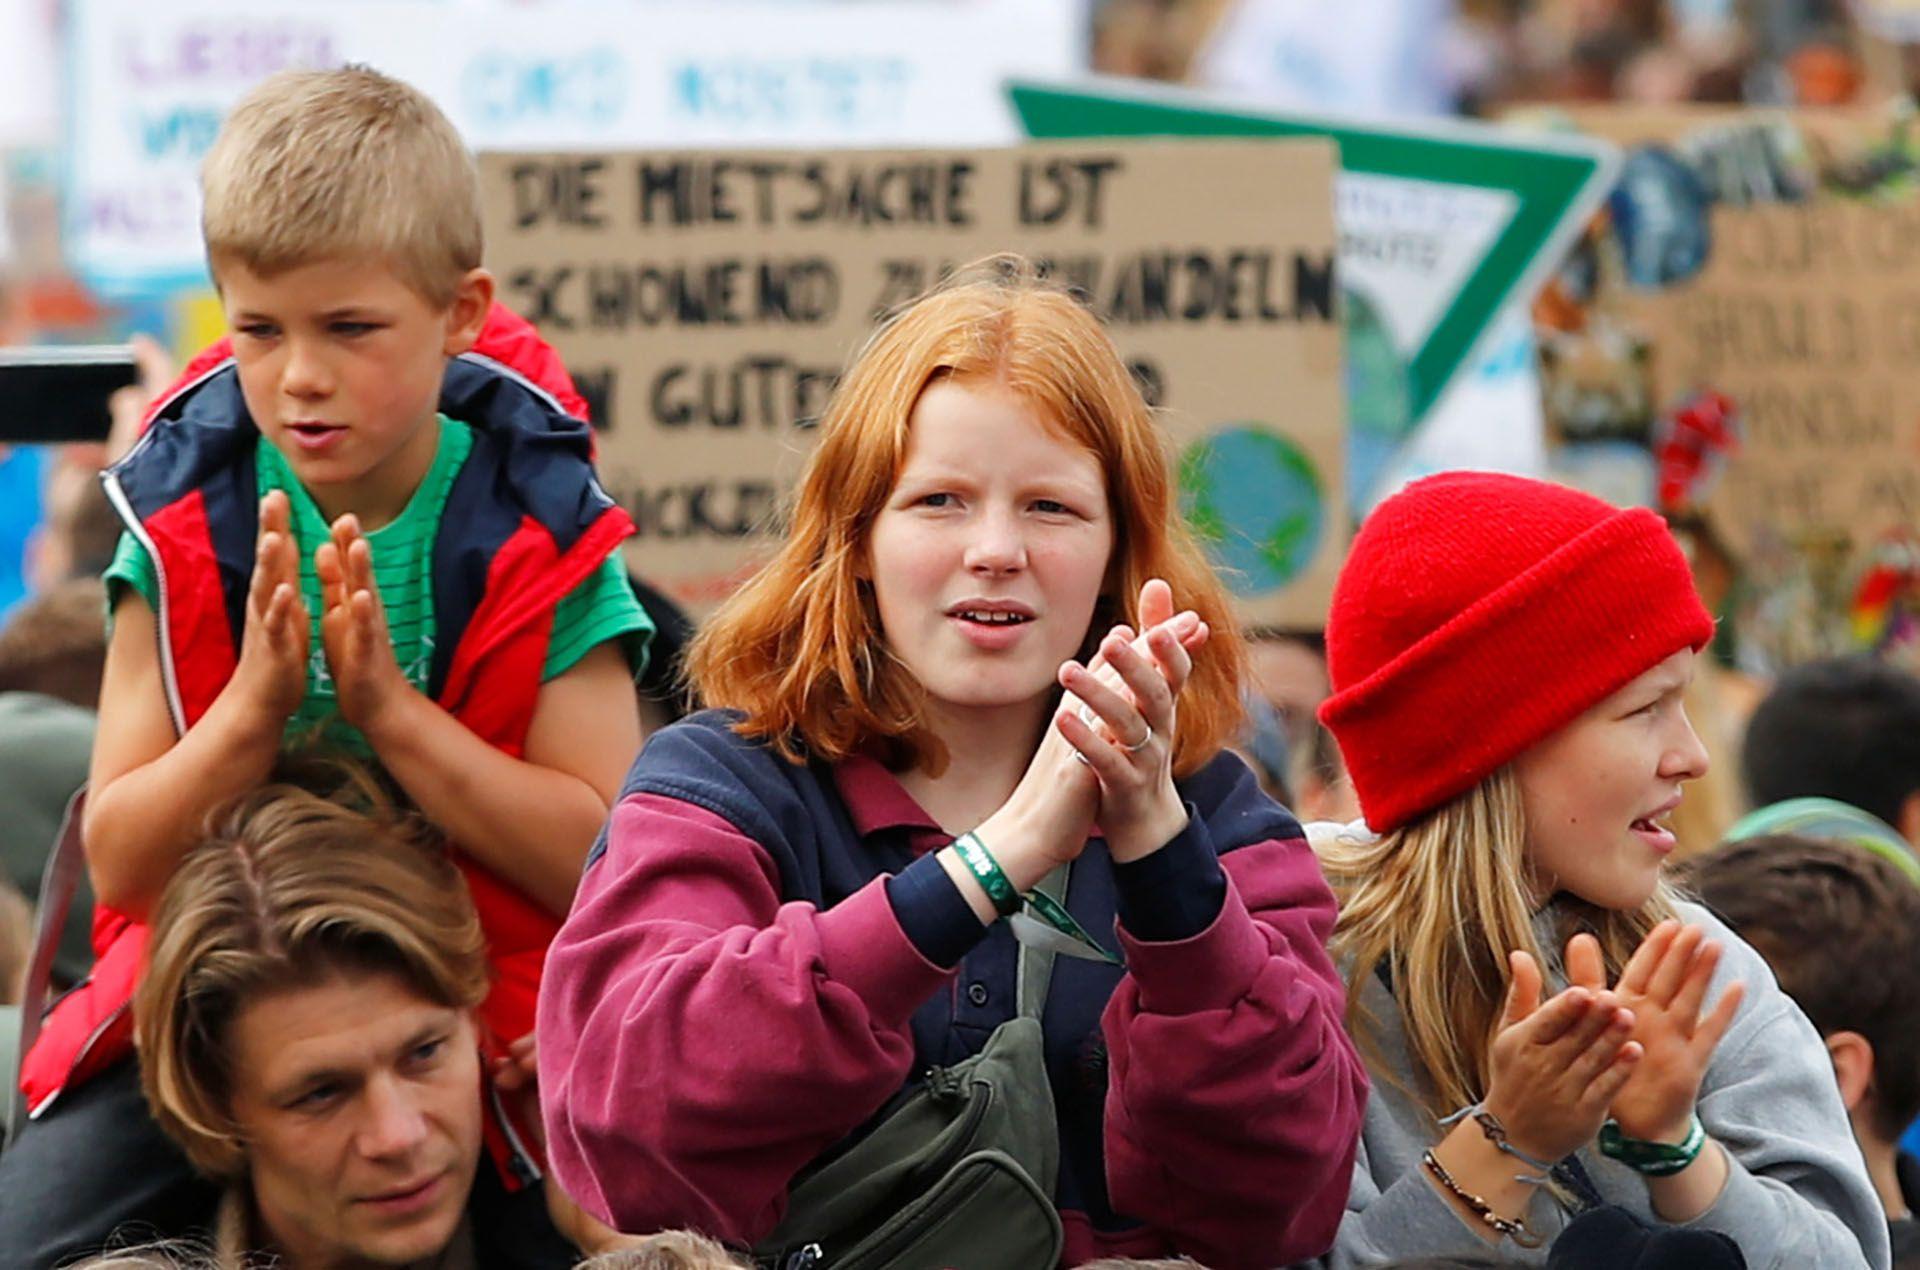 Niños y niñas participan en la Huelga Climática Mundial del movimiento Viernes por el Futuro, en Berlín, Alemania, 20 de septiembre de 2019 (REUTERS/Hannibal Hanschke)